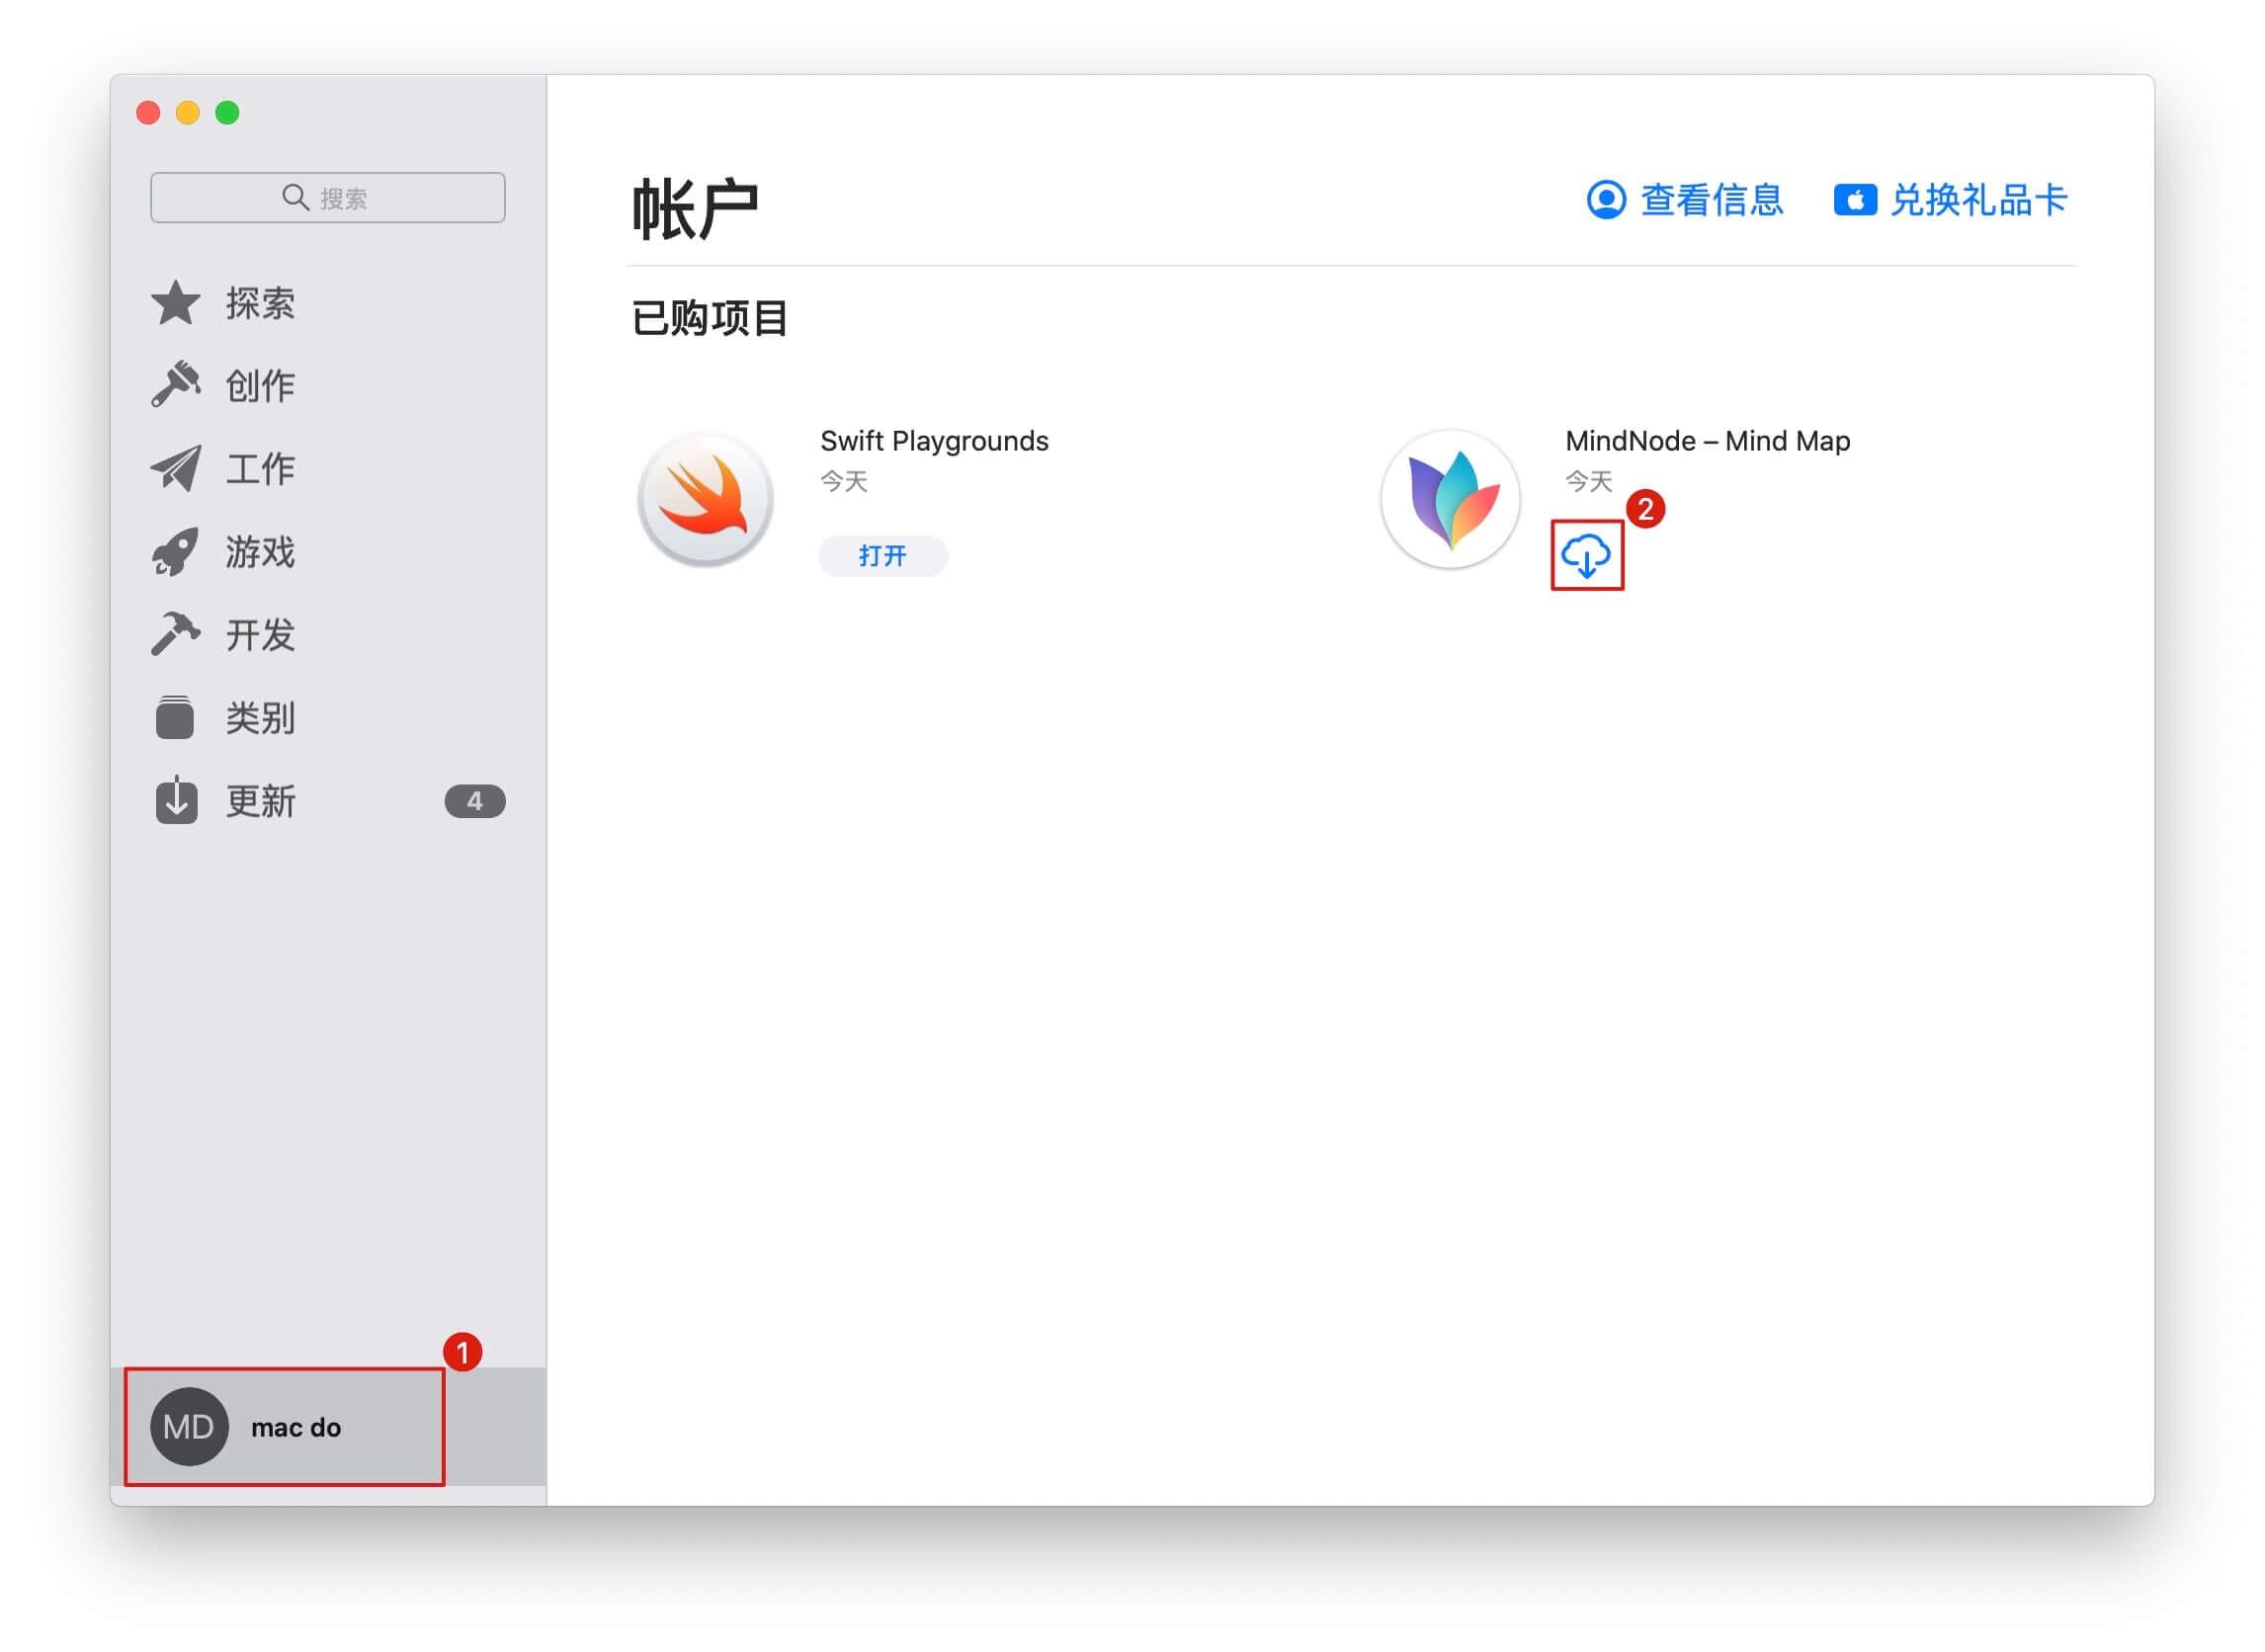 【共享正版】MindNode 7.2 中文破解版 强大的思维导图软件-马克喵